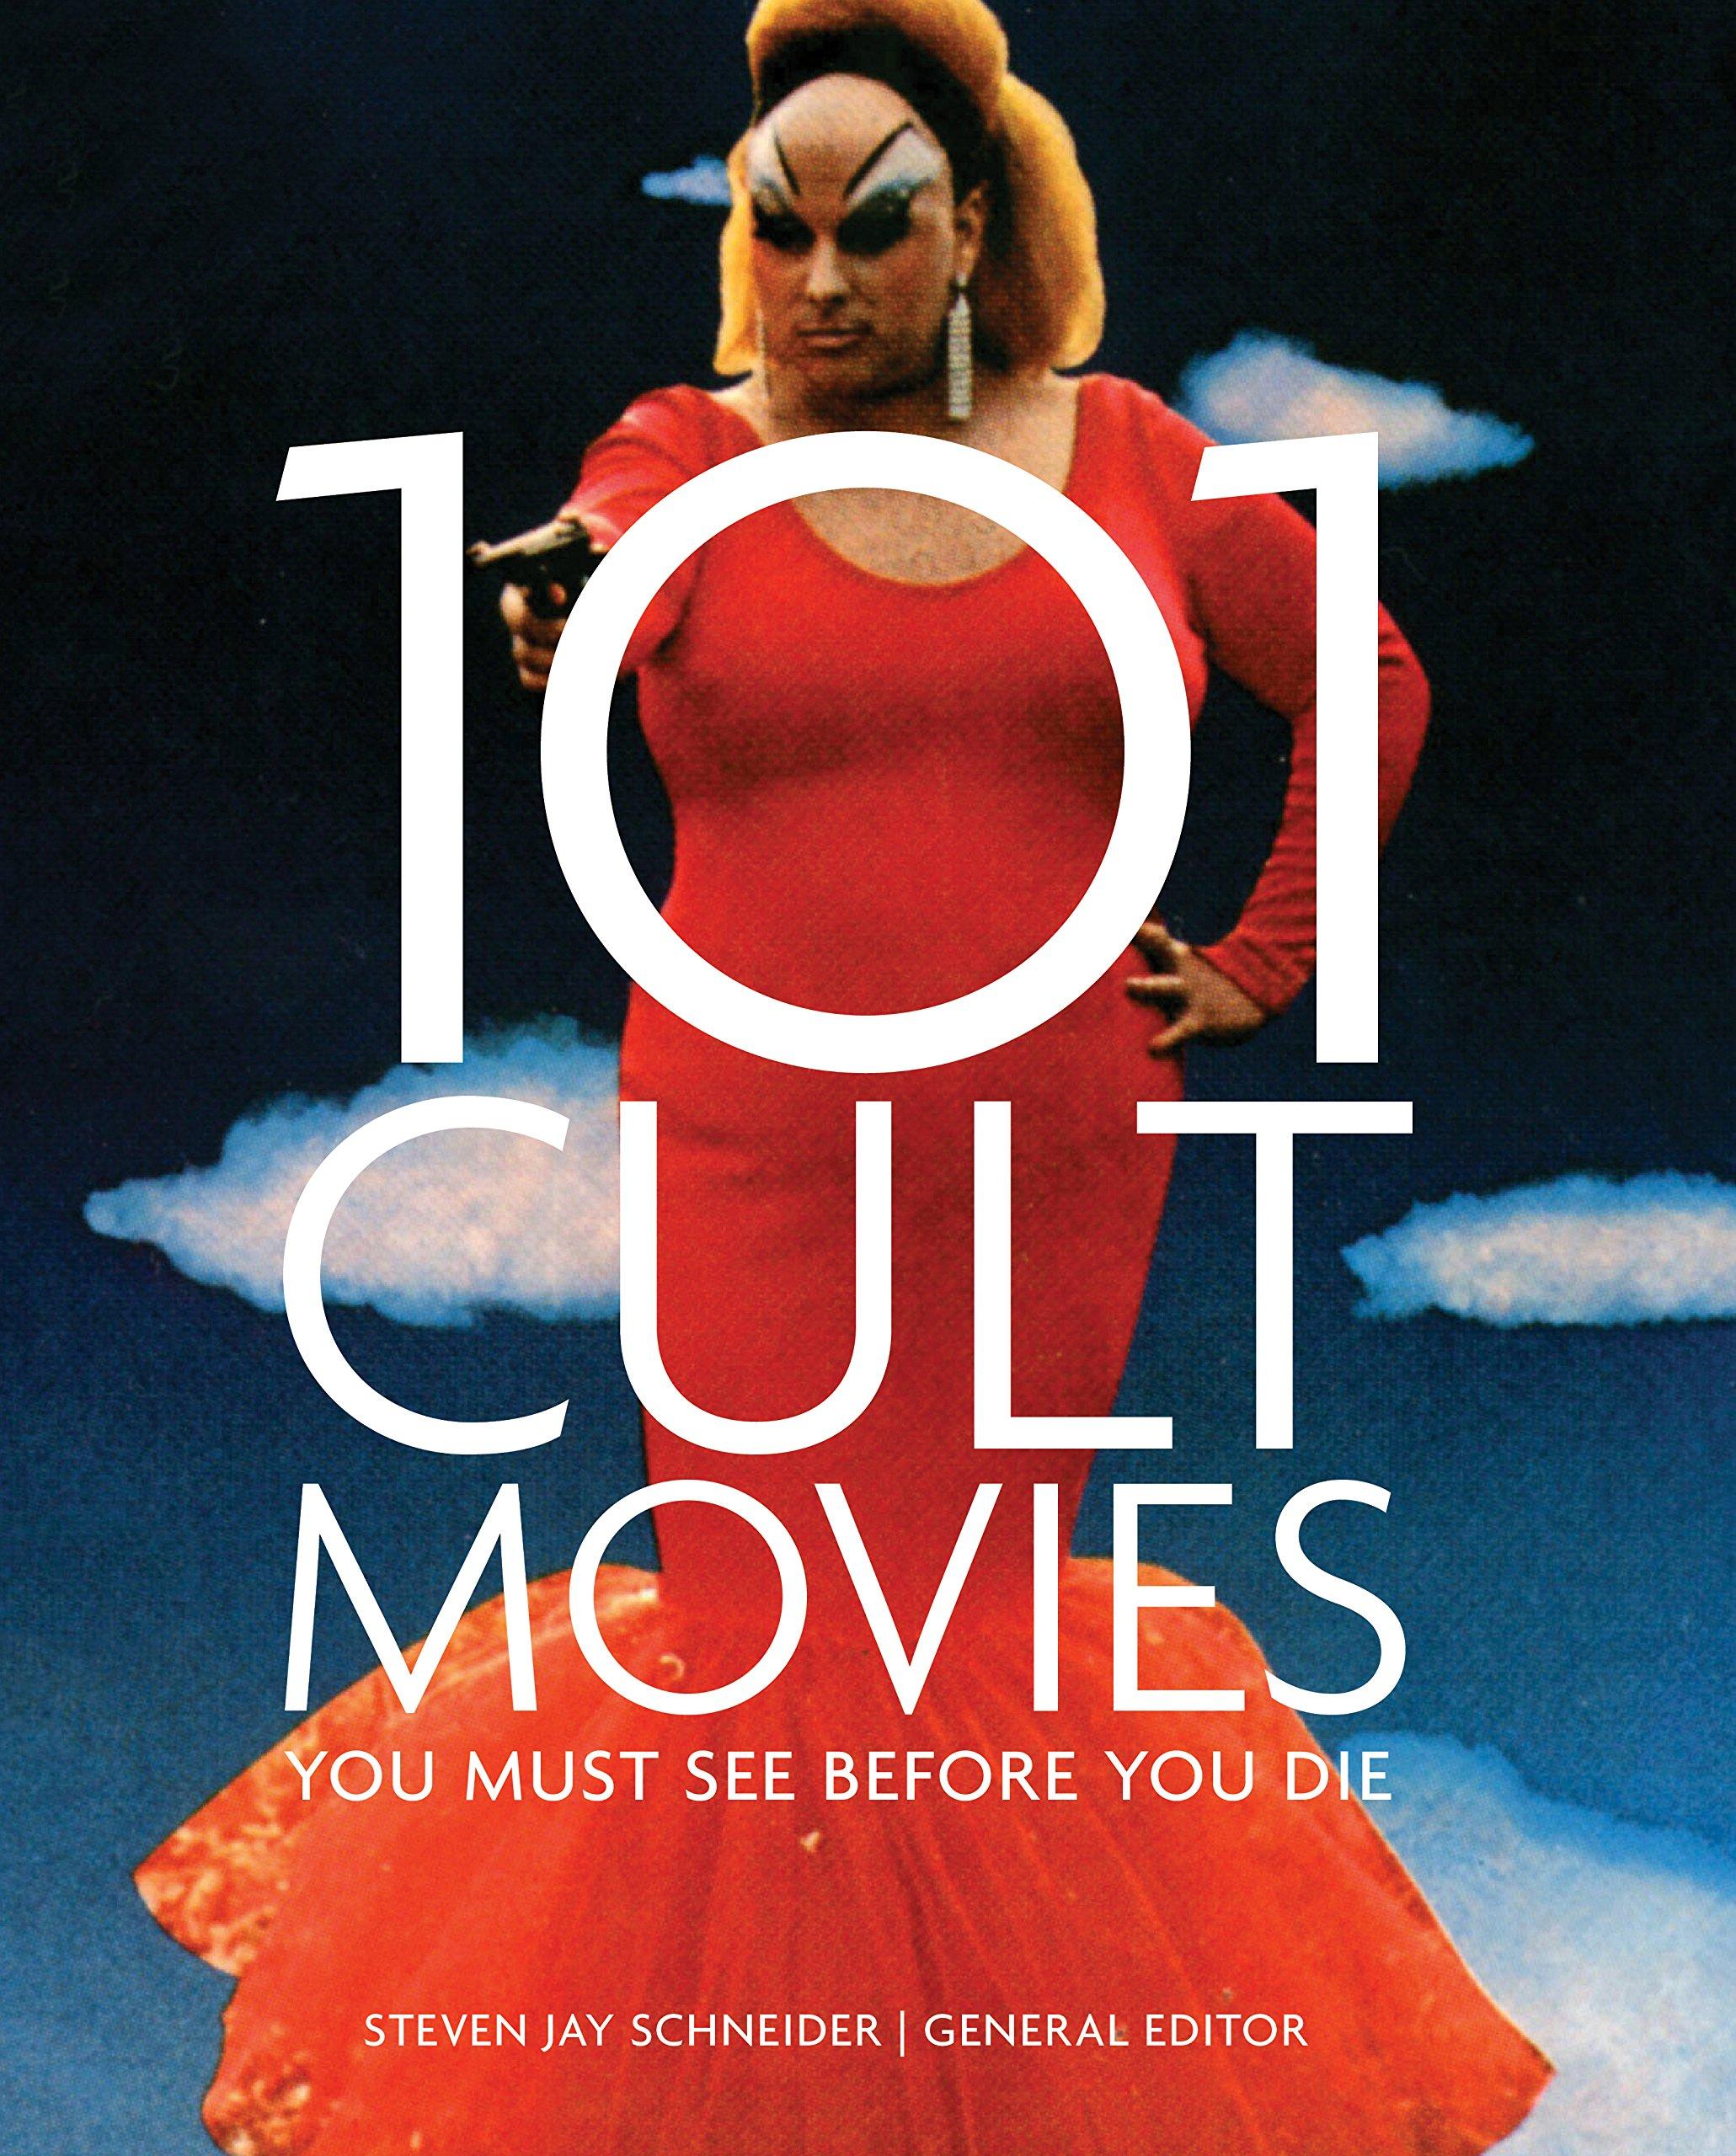 101 Cult Movies You Must See Before You Die: Amazon.de: Steven Jay  Schneider: Fremdsprachige Bücher